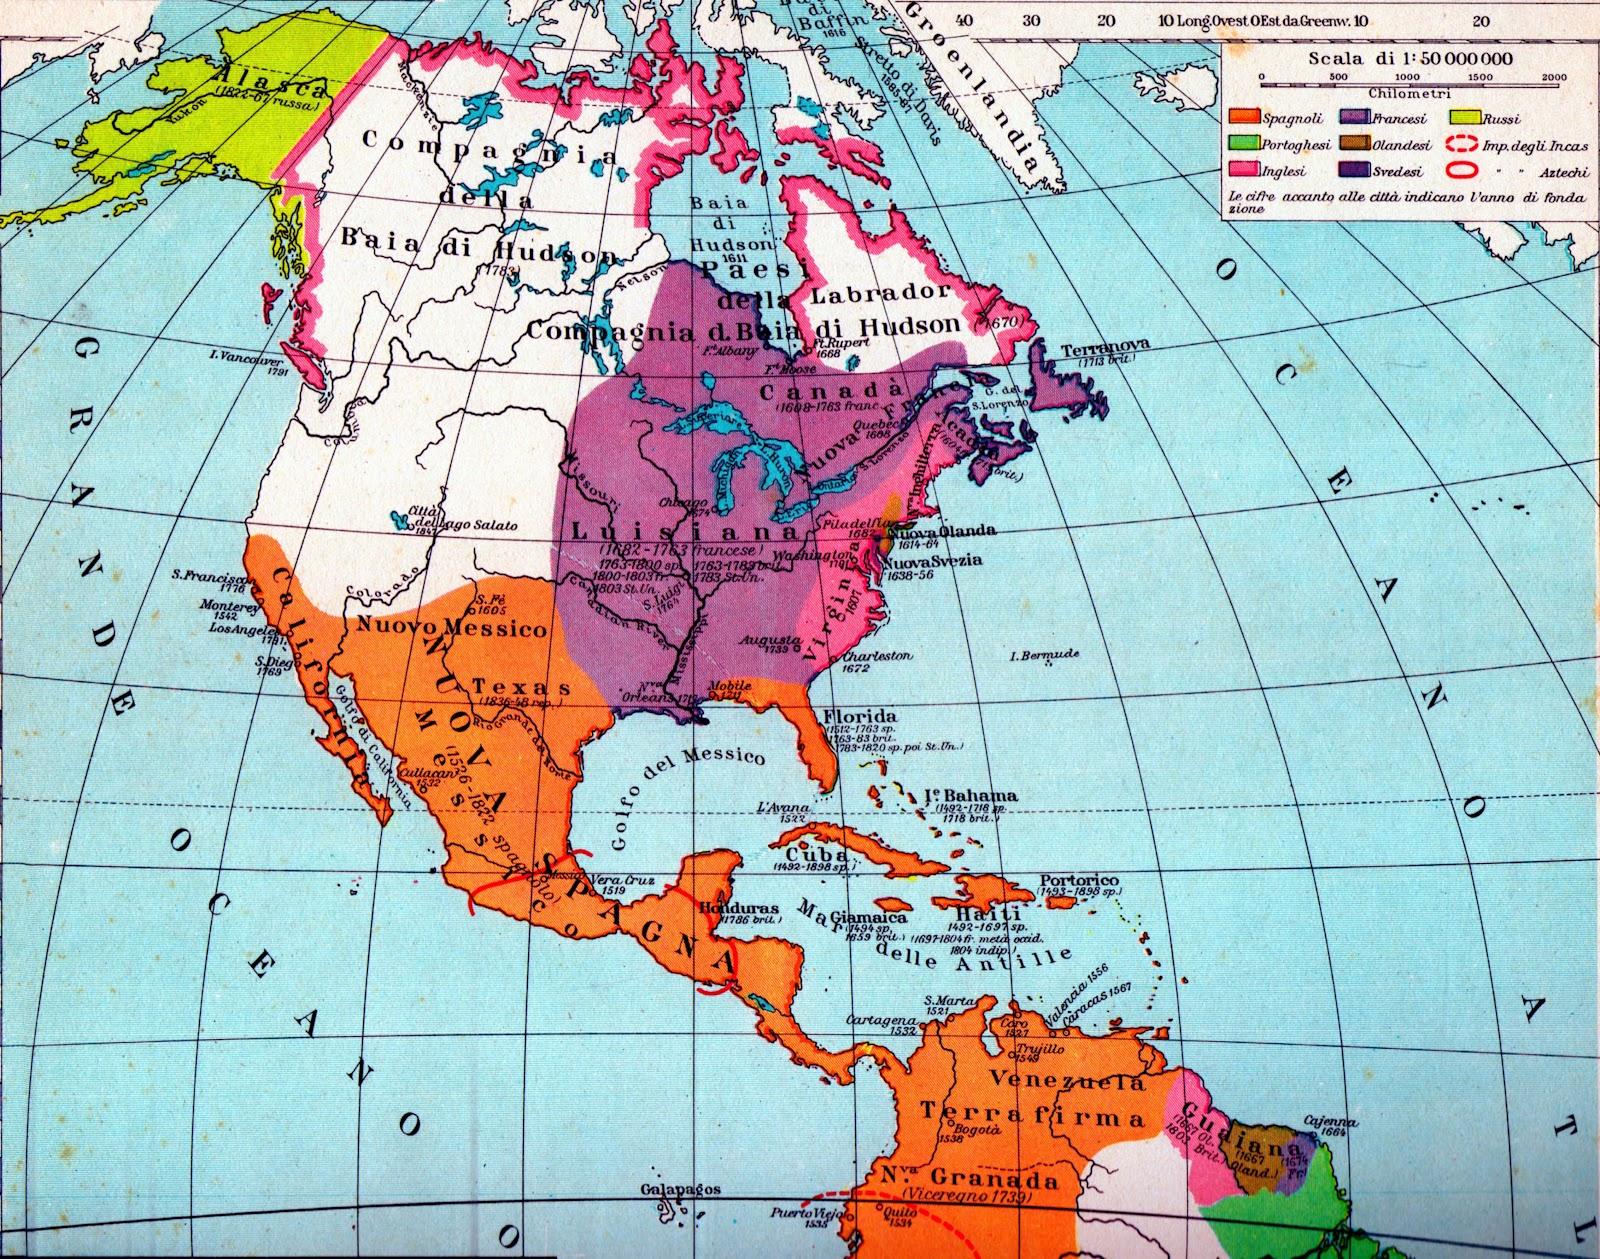 Cartina Geografica Nord Europa.Economia Economia Politica 1 Nel Mondo Occidentale Dal 1900 Al 1940